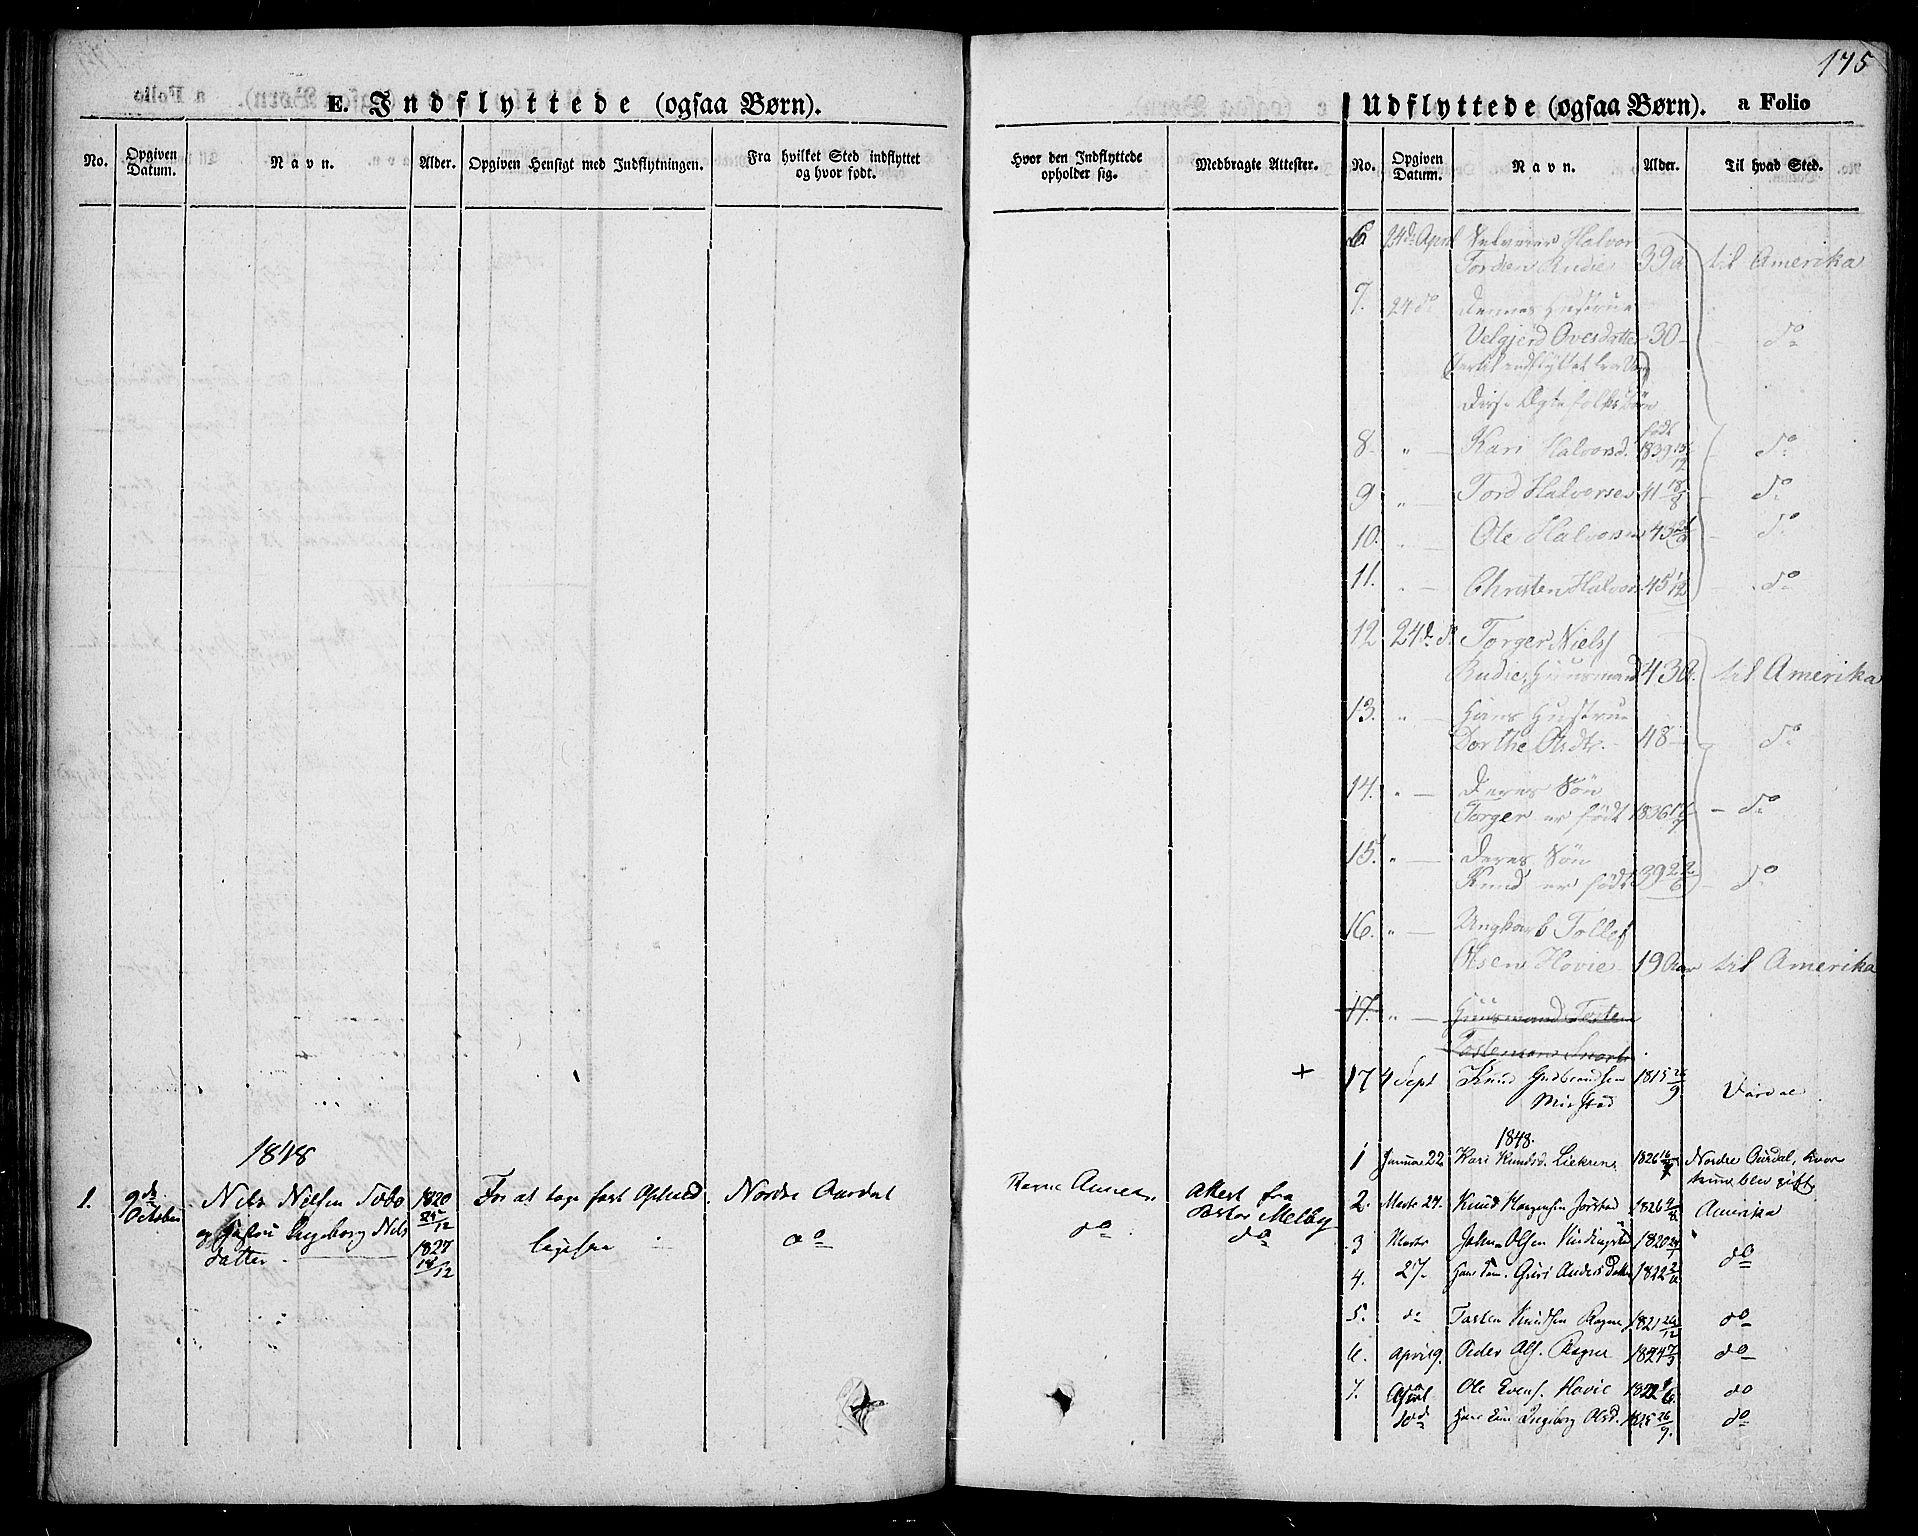 SAH, Slidre prestekontor, Ministerialbok nr. 4, 1831-1848, s. 175